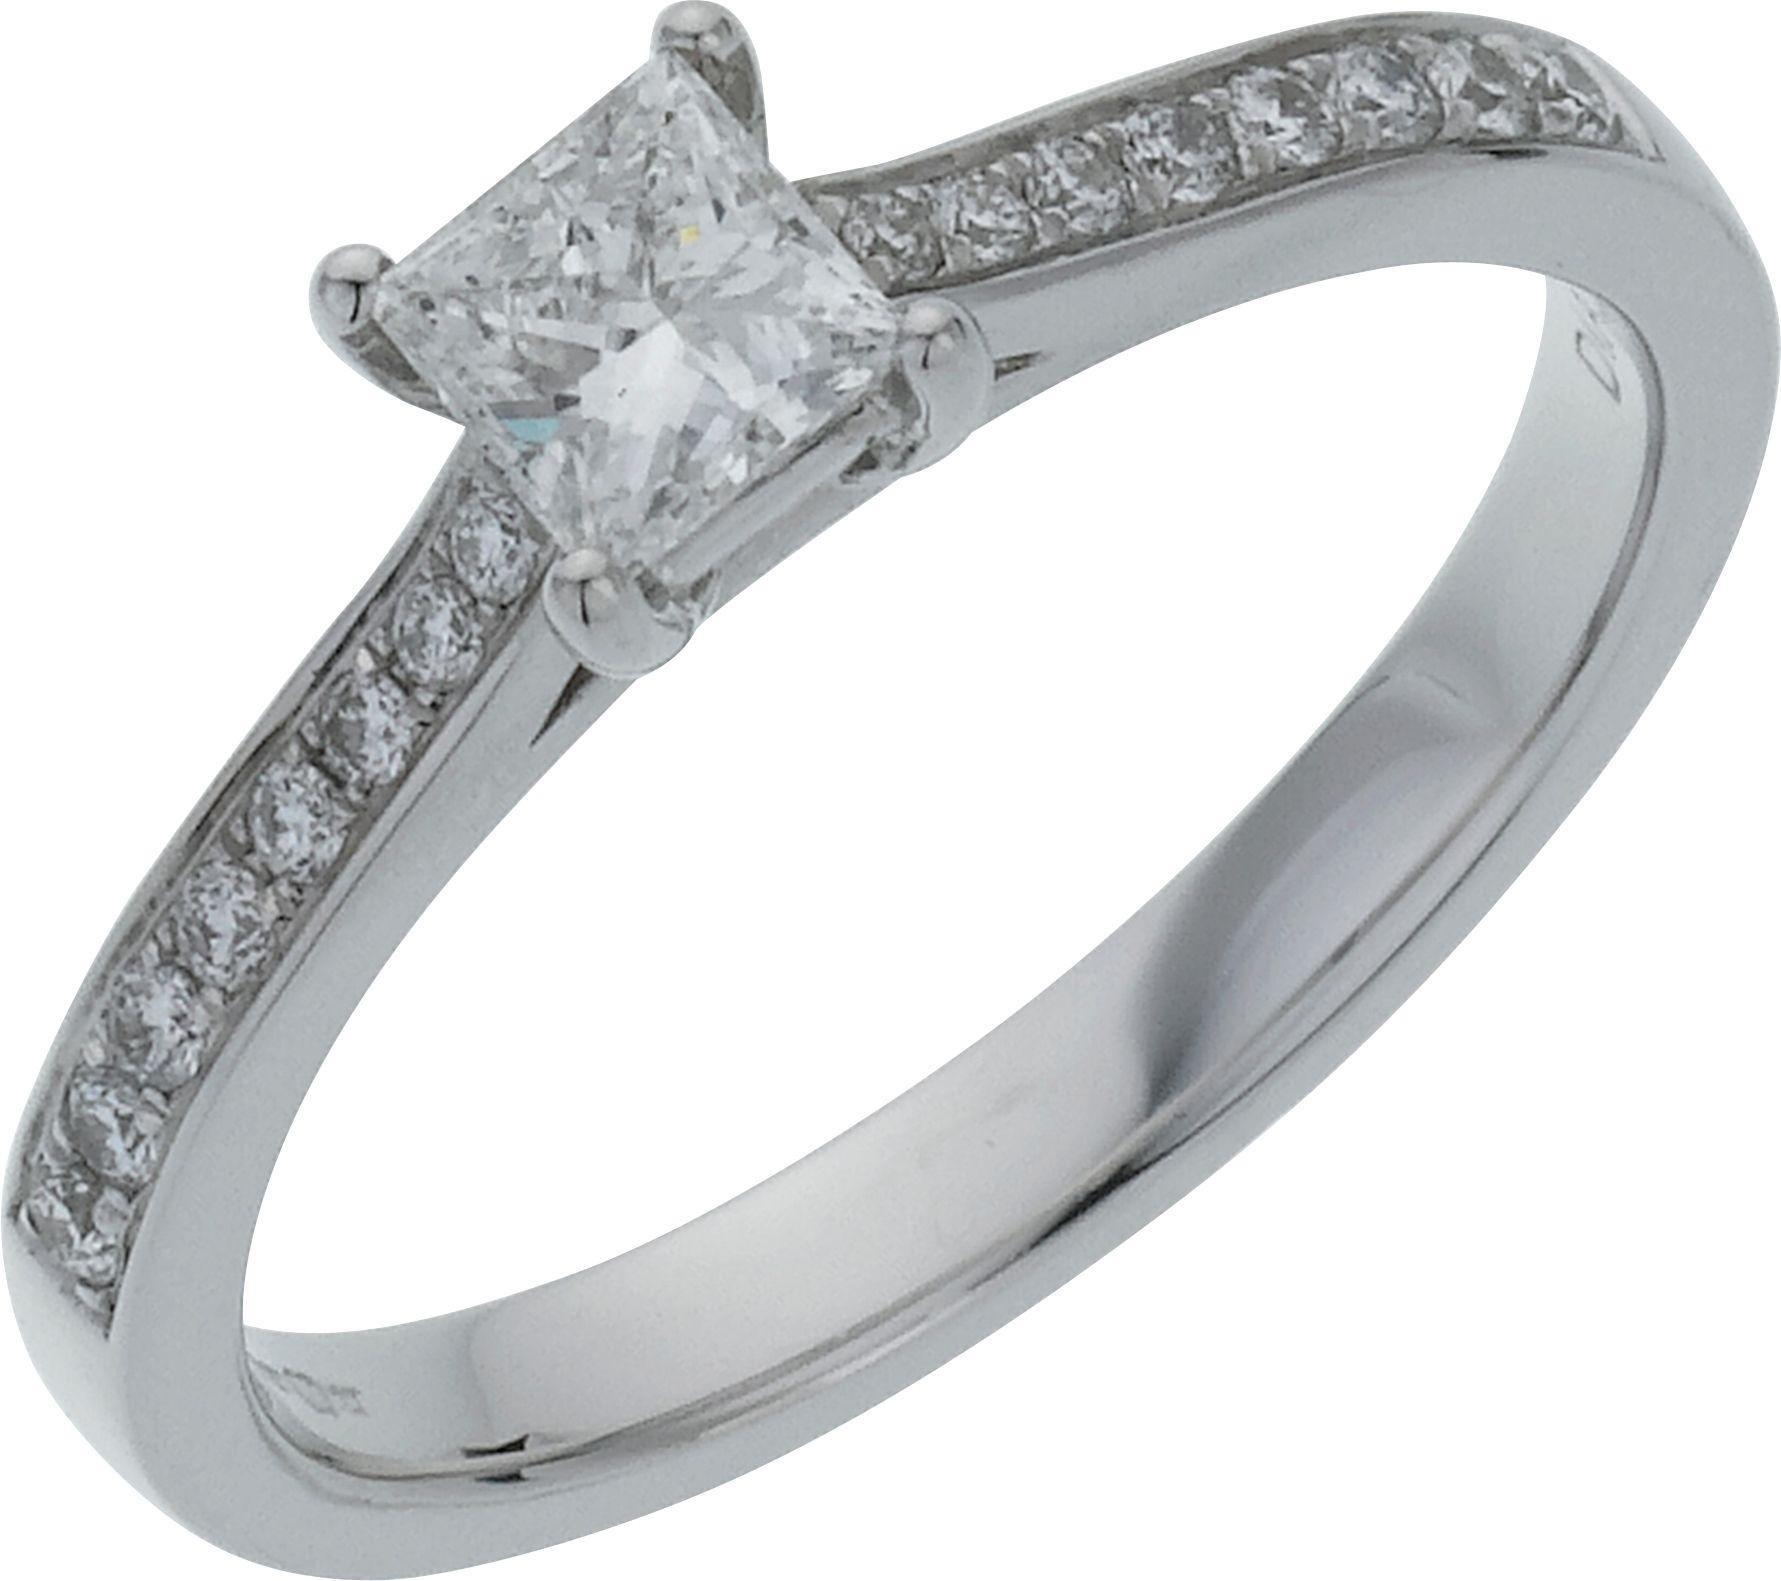 18 Carat White Gold 05 Carat Diamond - Princess Cut Shoulder Ring- M